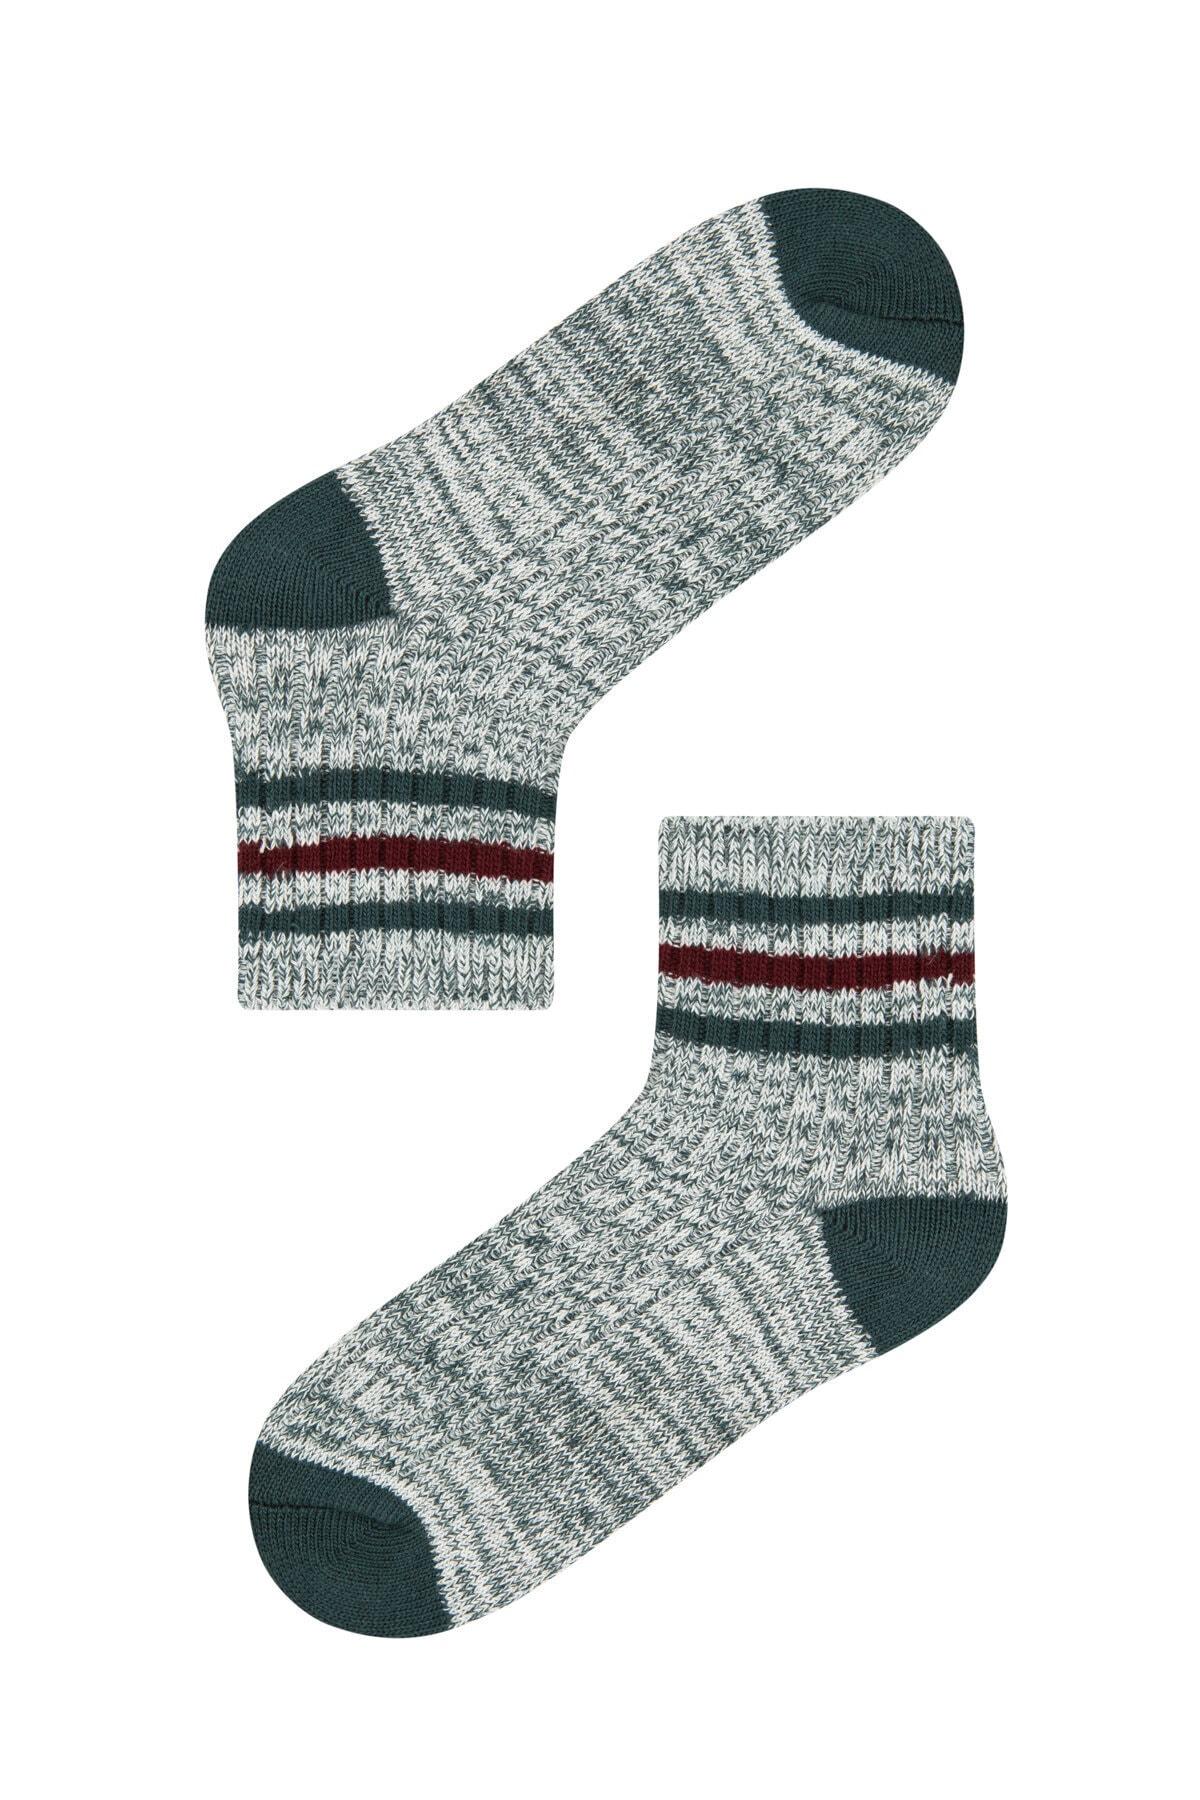 Penti Petrol Erkek Çocuk Hot Soket Çorap 1